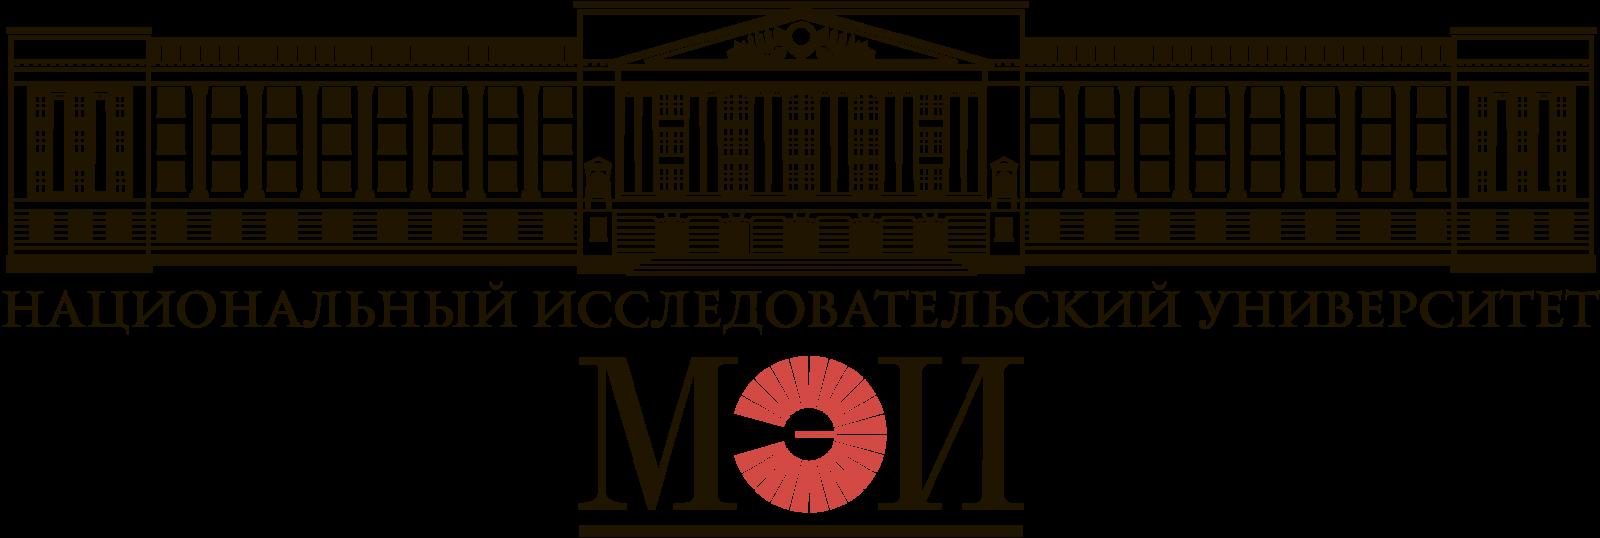 III международная конференция «Современные проблемы теплофизики и  энергетики» | Наука и инновации Санкт-Петербургский политехнический  университет Петра Великого